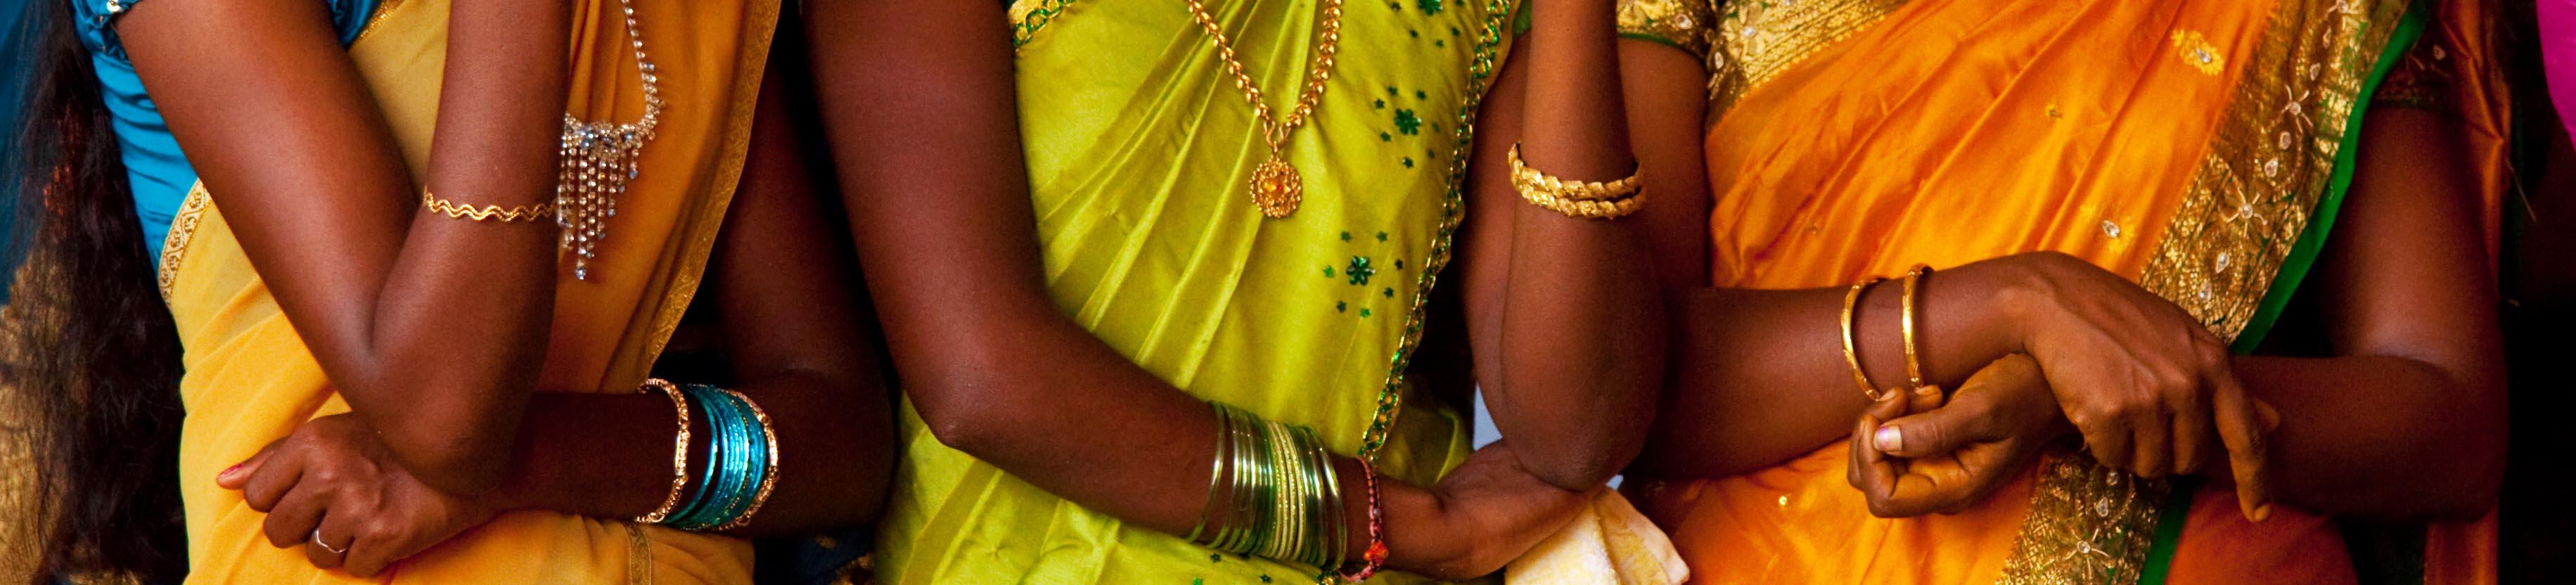 La culture en Inde et comment les traditions rythment la vie et le quotidien dans ce pays ?